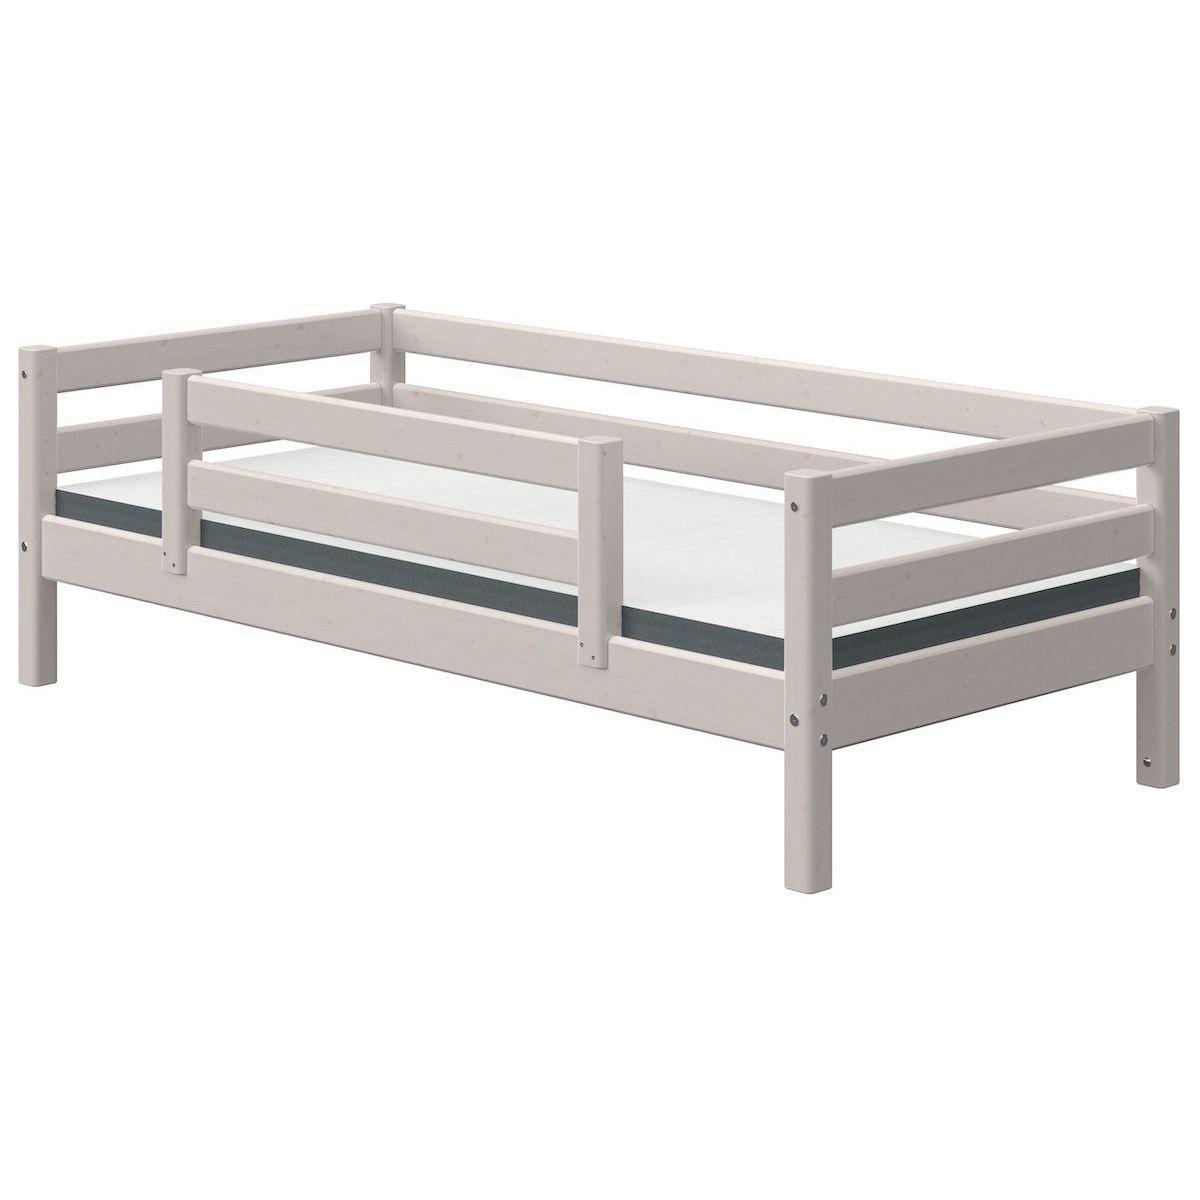 Tagesbett 90x190cm Zentrales Absturzsicherung CLASSIC Flexa grey washed